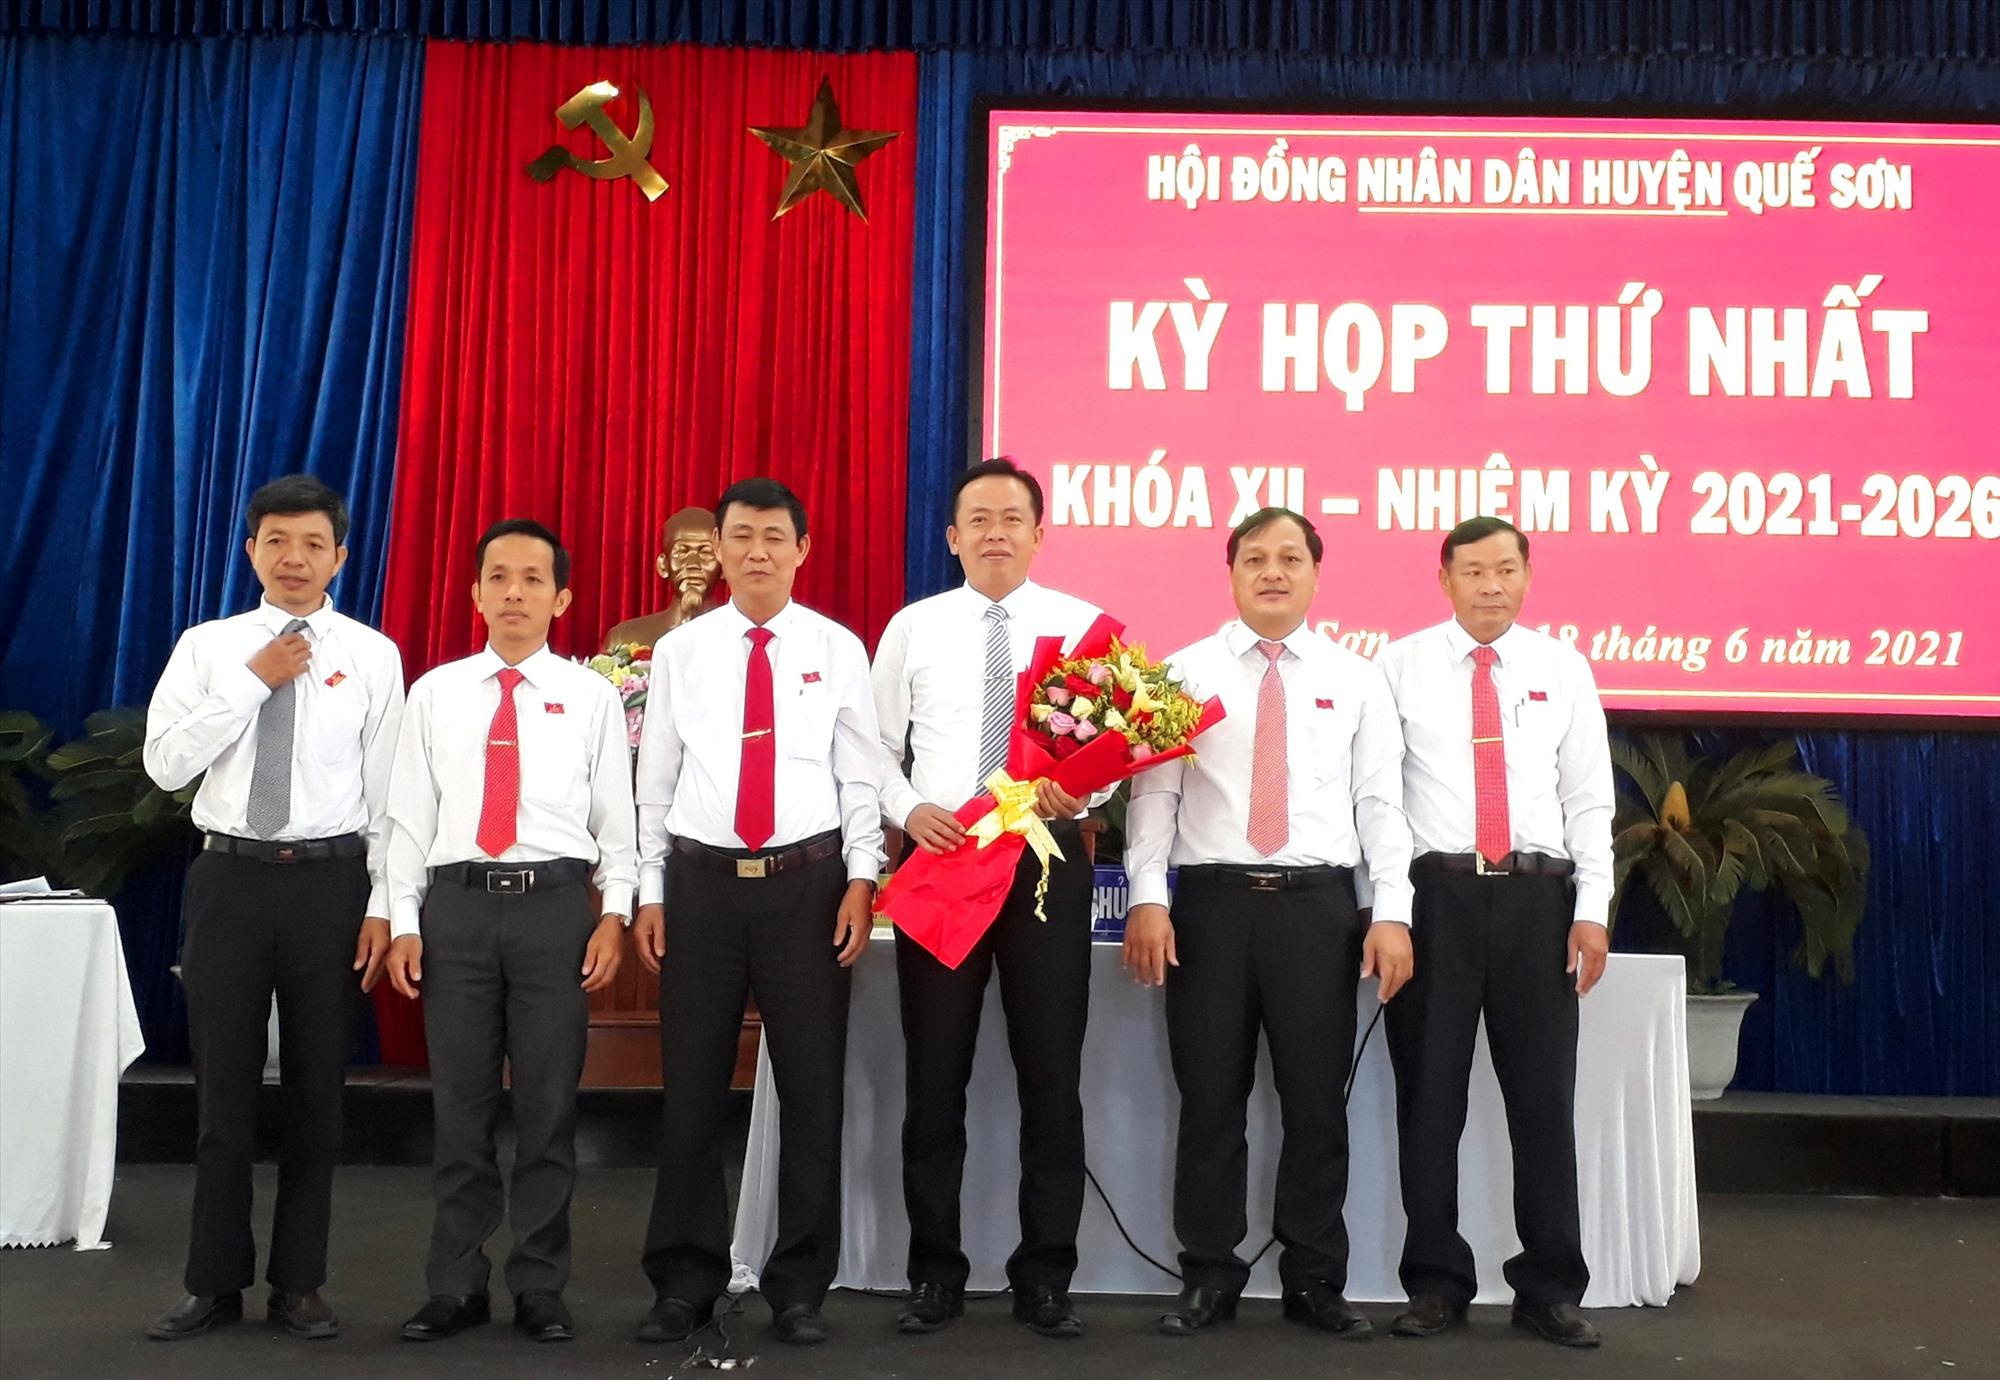 ông Đinh Nguyên Vũ được bầu giữ chức Chủ tịch HĐND huyện khóa XII, nhiệm kỳ 2021-2026. ảnh DT.